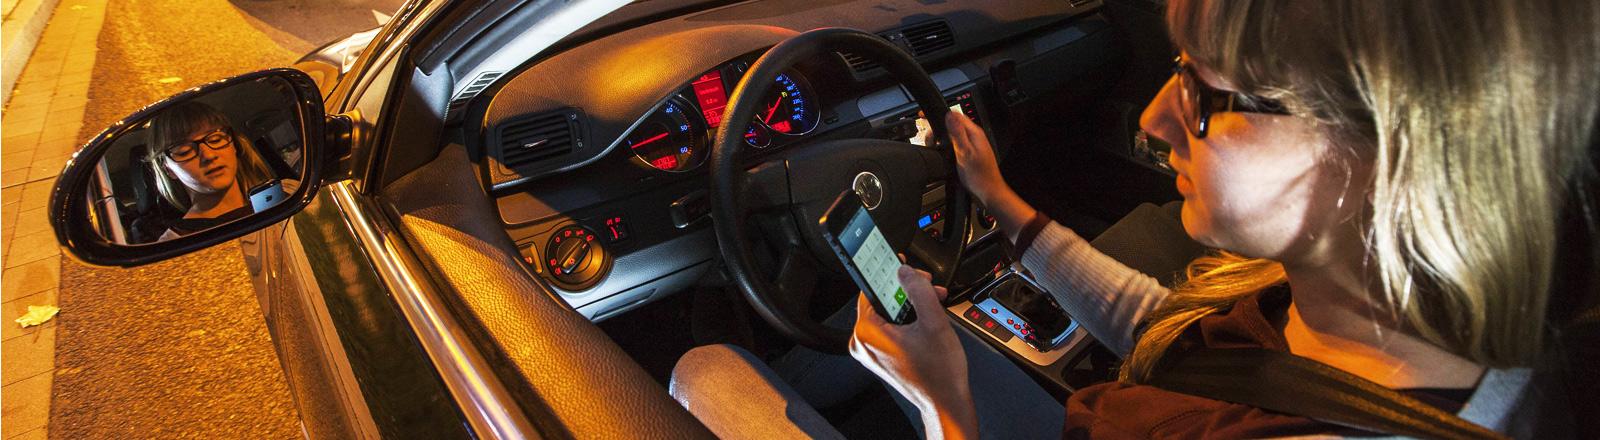 Eine Frau schaut im Auto auf ihr Handy